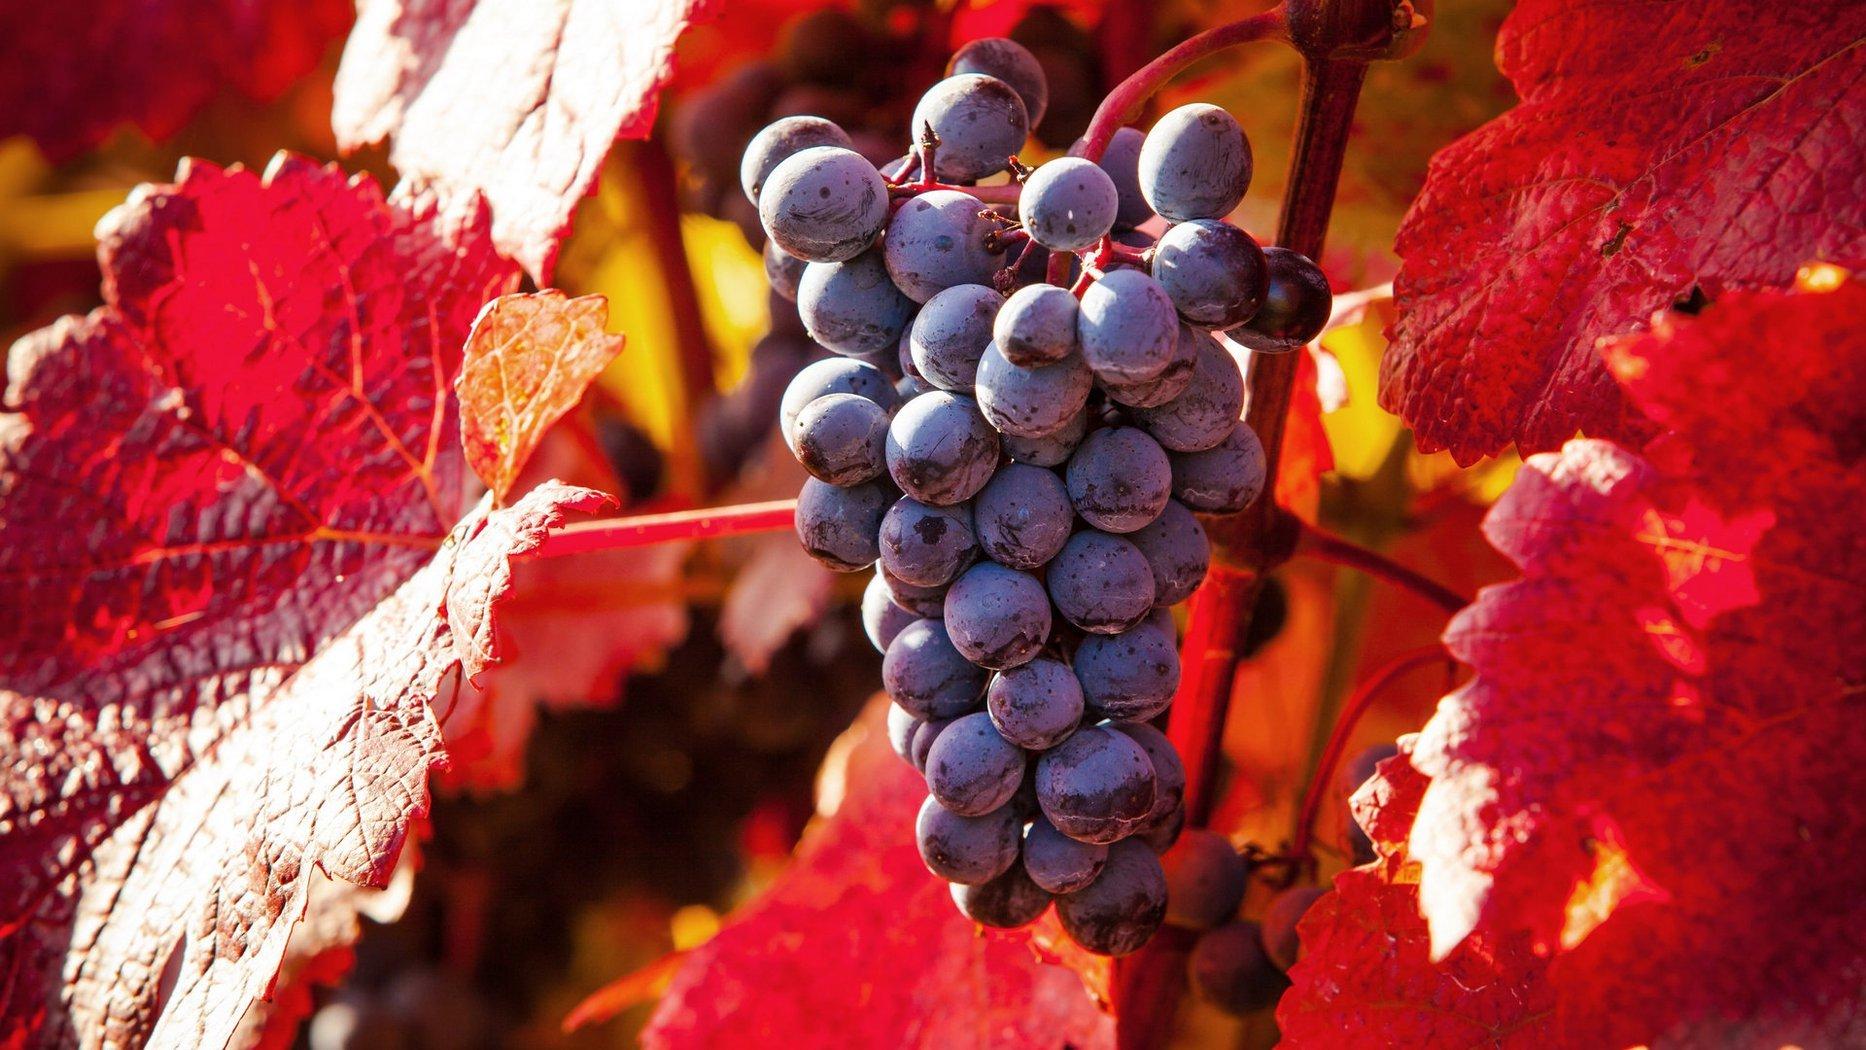 酷似水晶造型的蓝莓葡萄精美拍摄图片